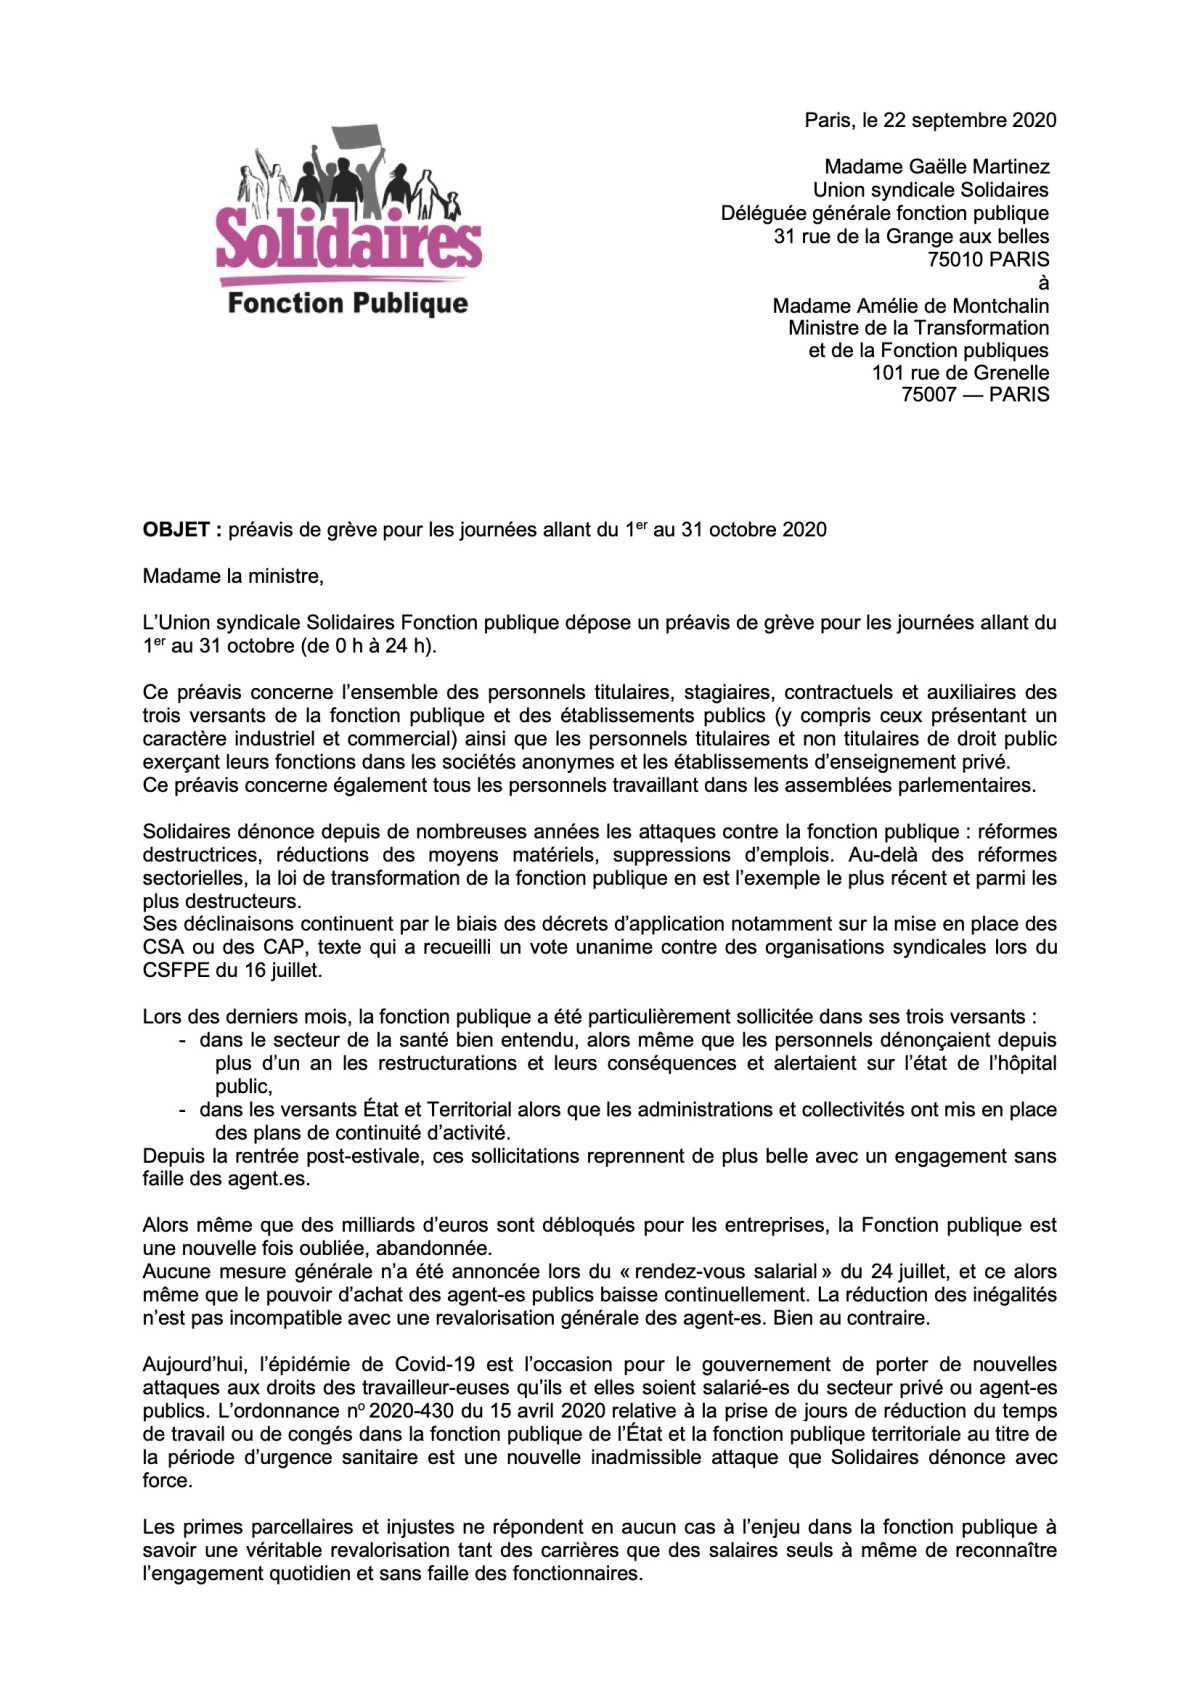 Préavis de grève Solidaire FP du 1 au 31 octobre 2020